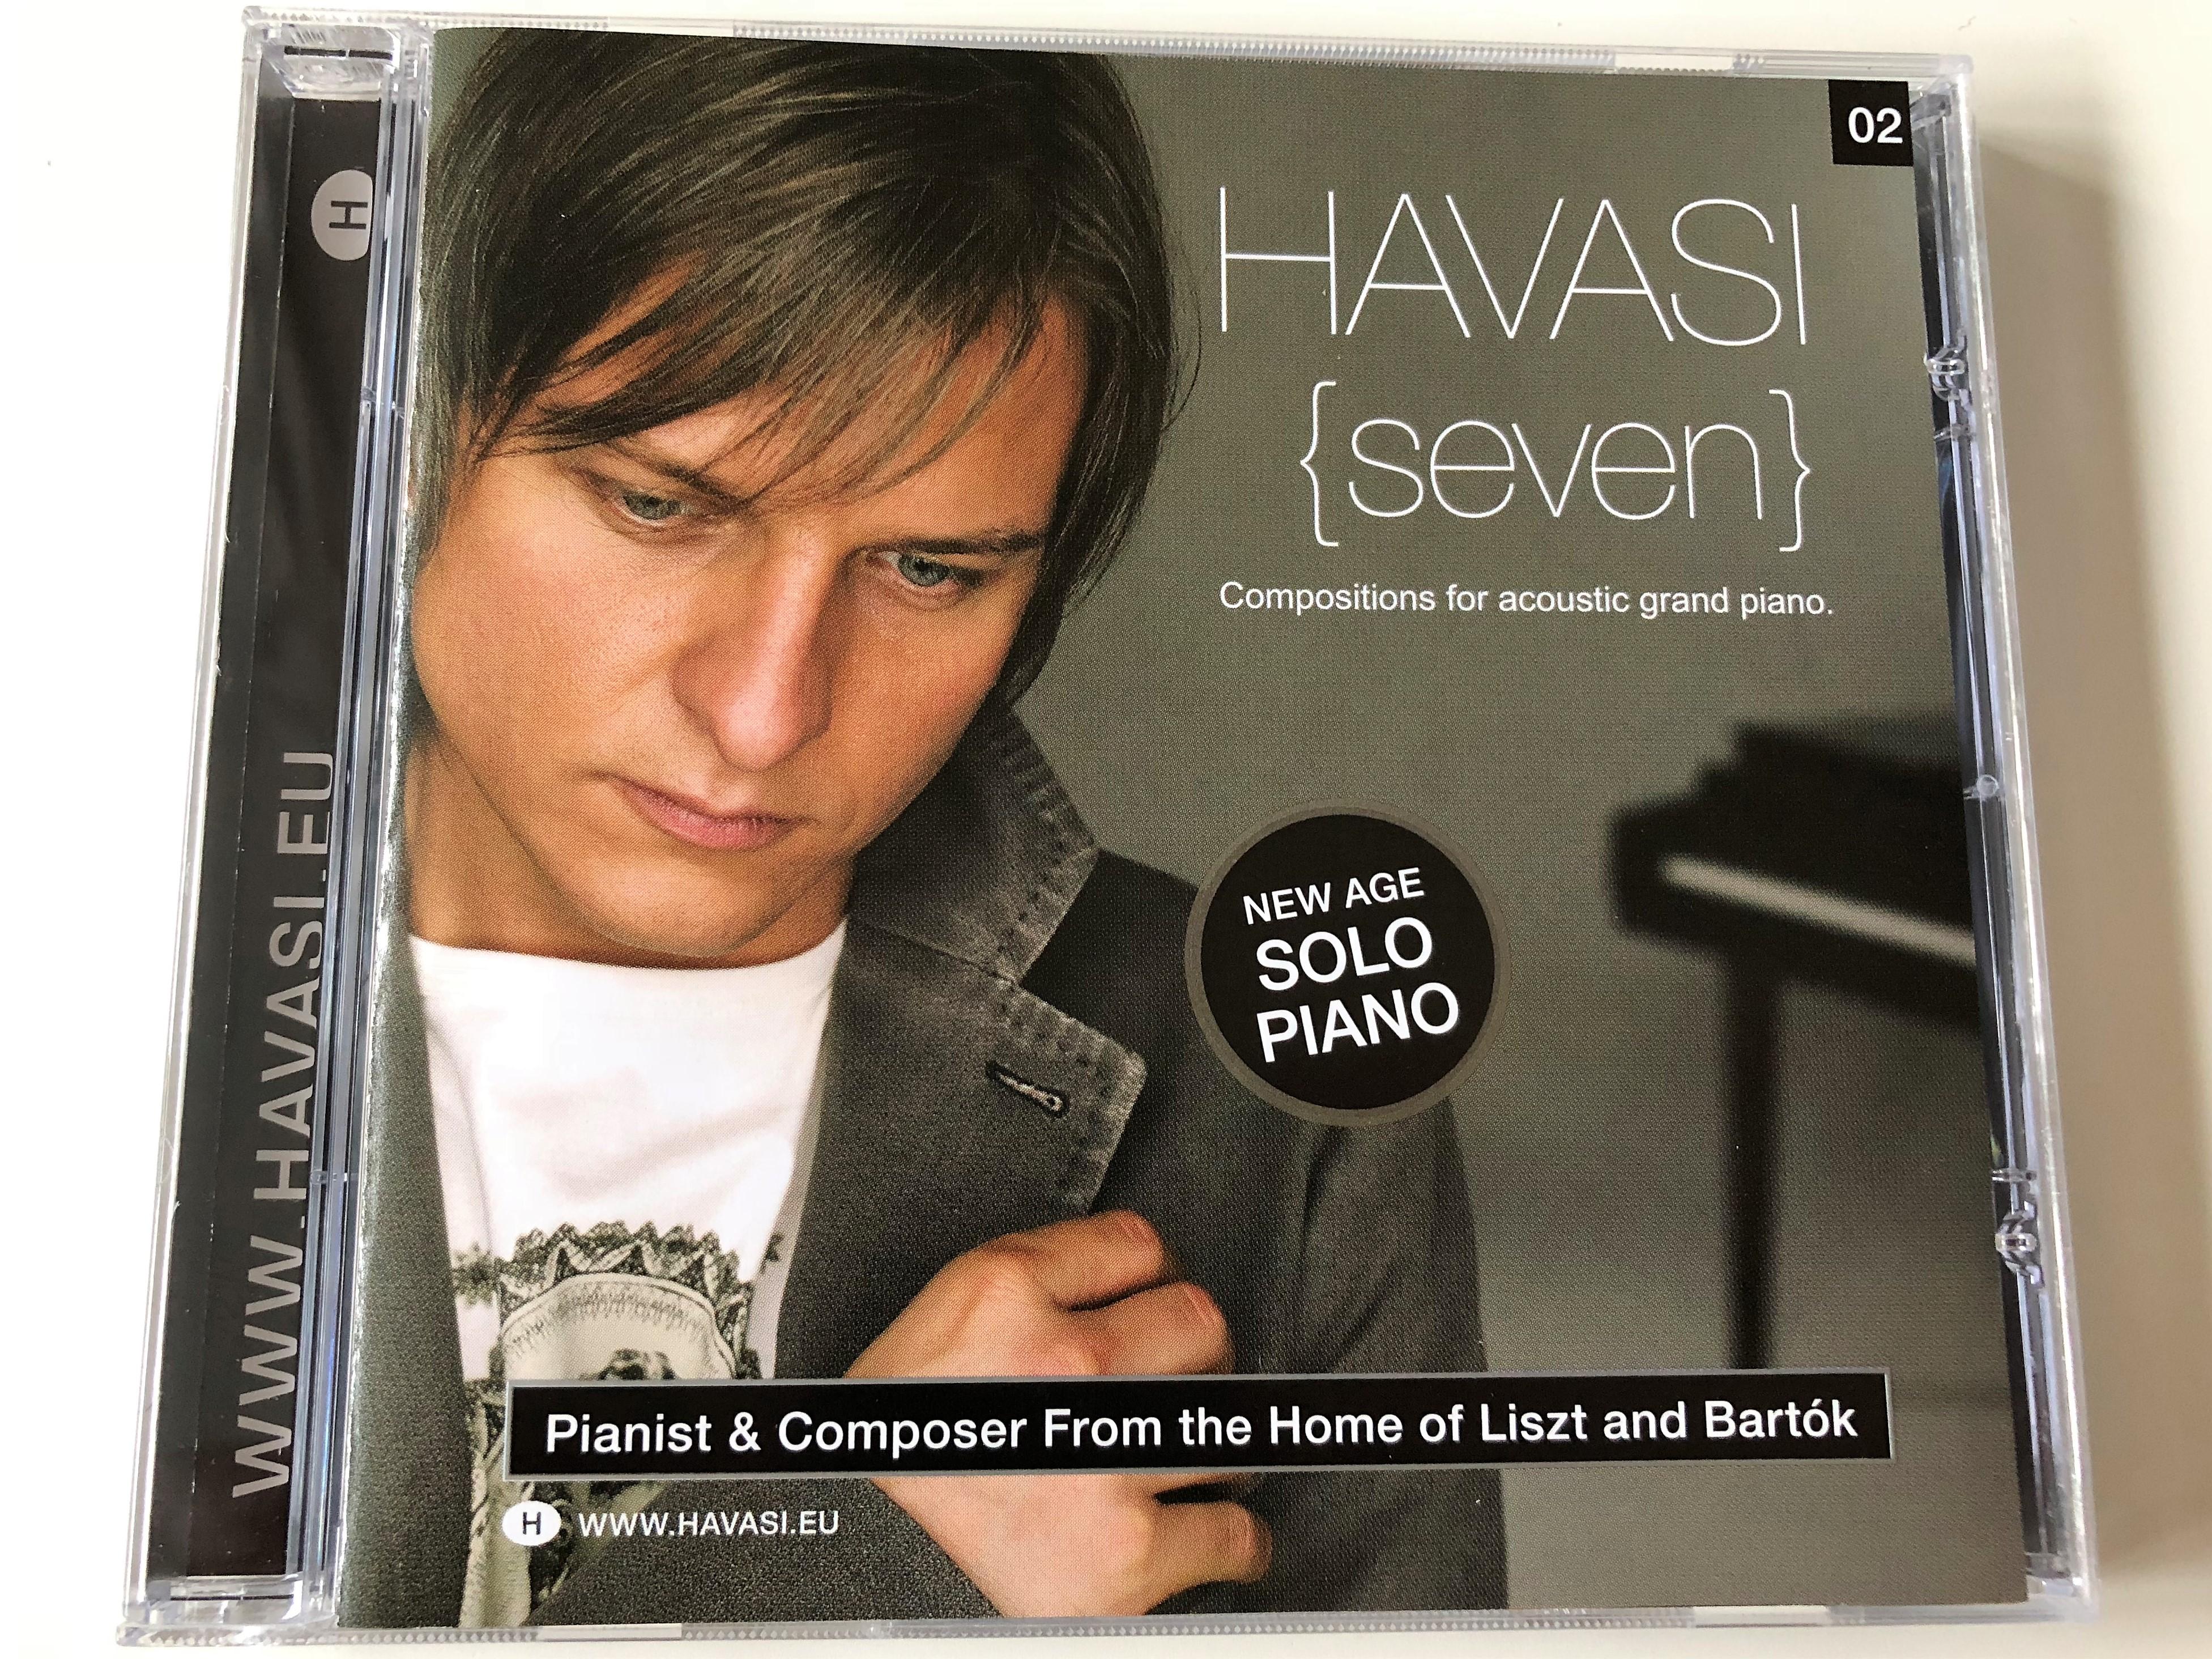 havasi-bal-zs-red-infinity-piano-seven-10-.jpg